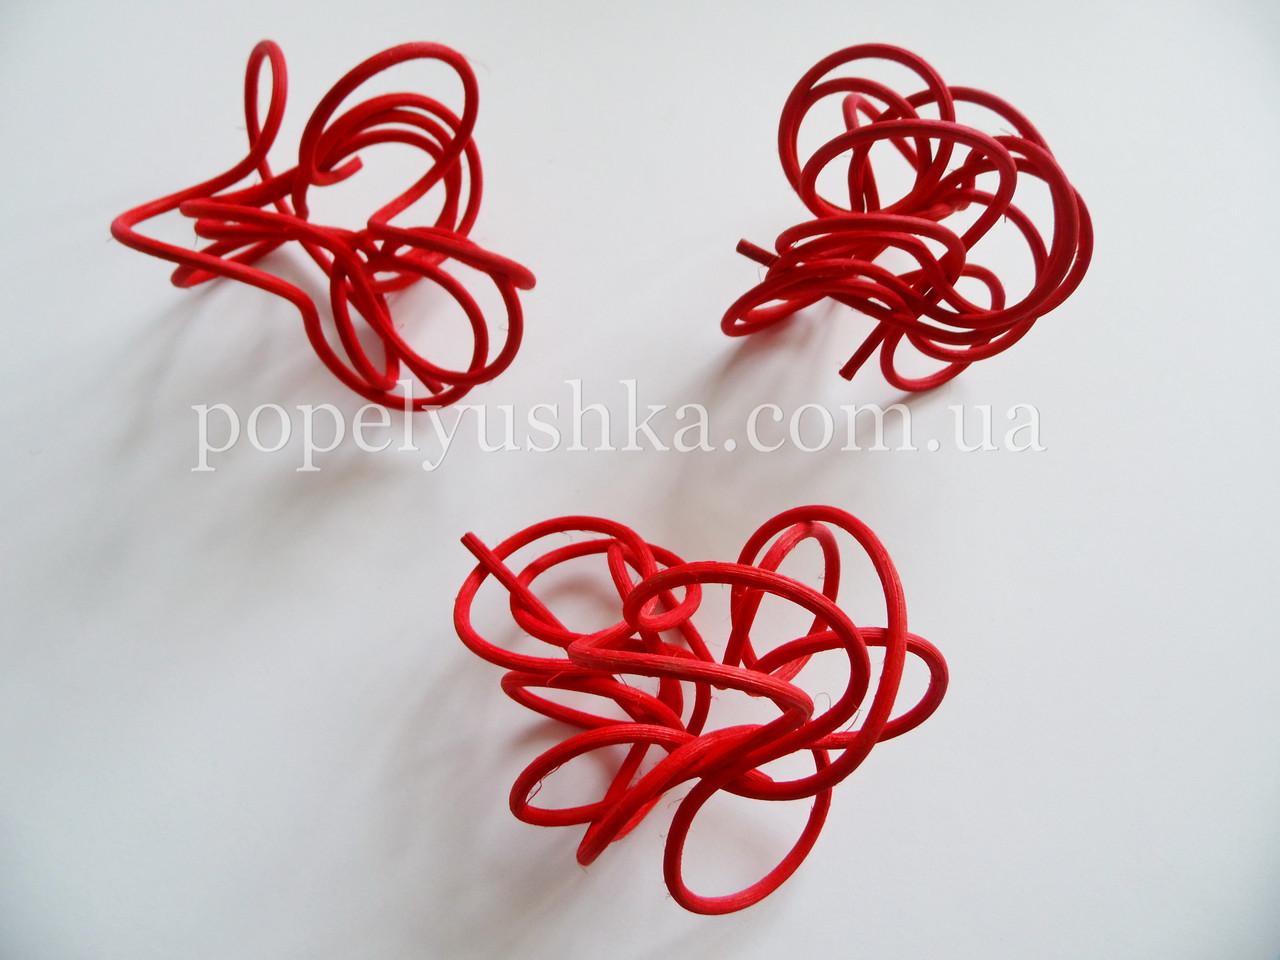 Спіраль ротангова червона 10-12 см